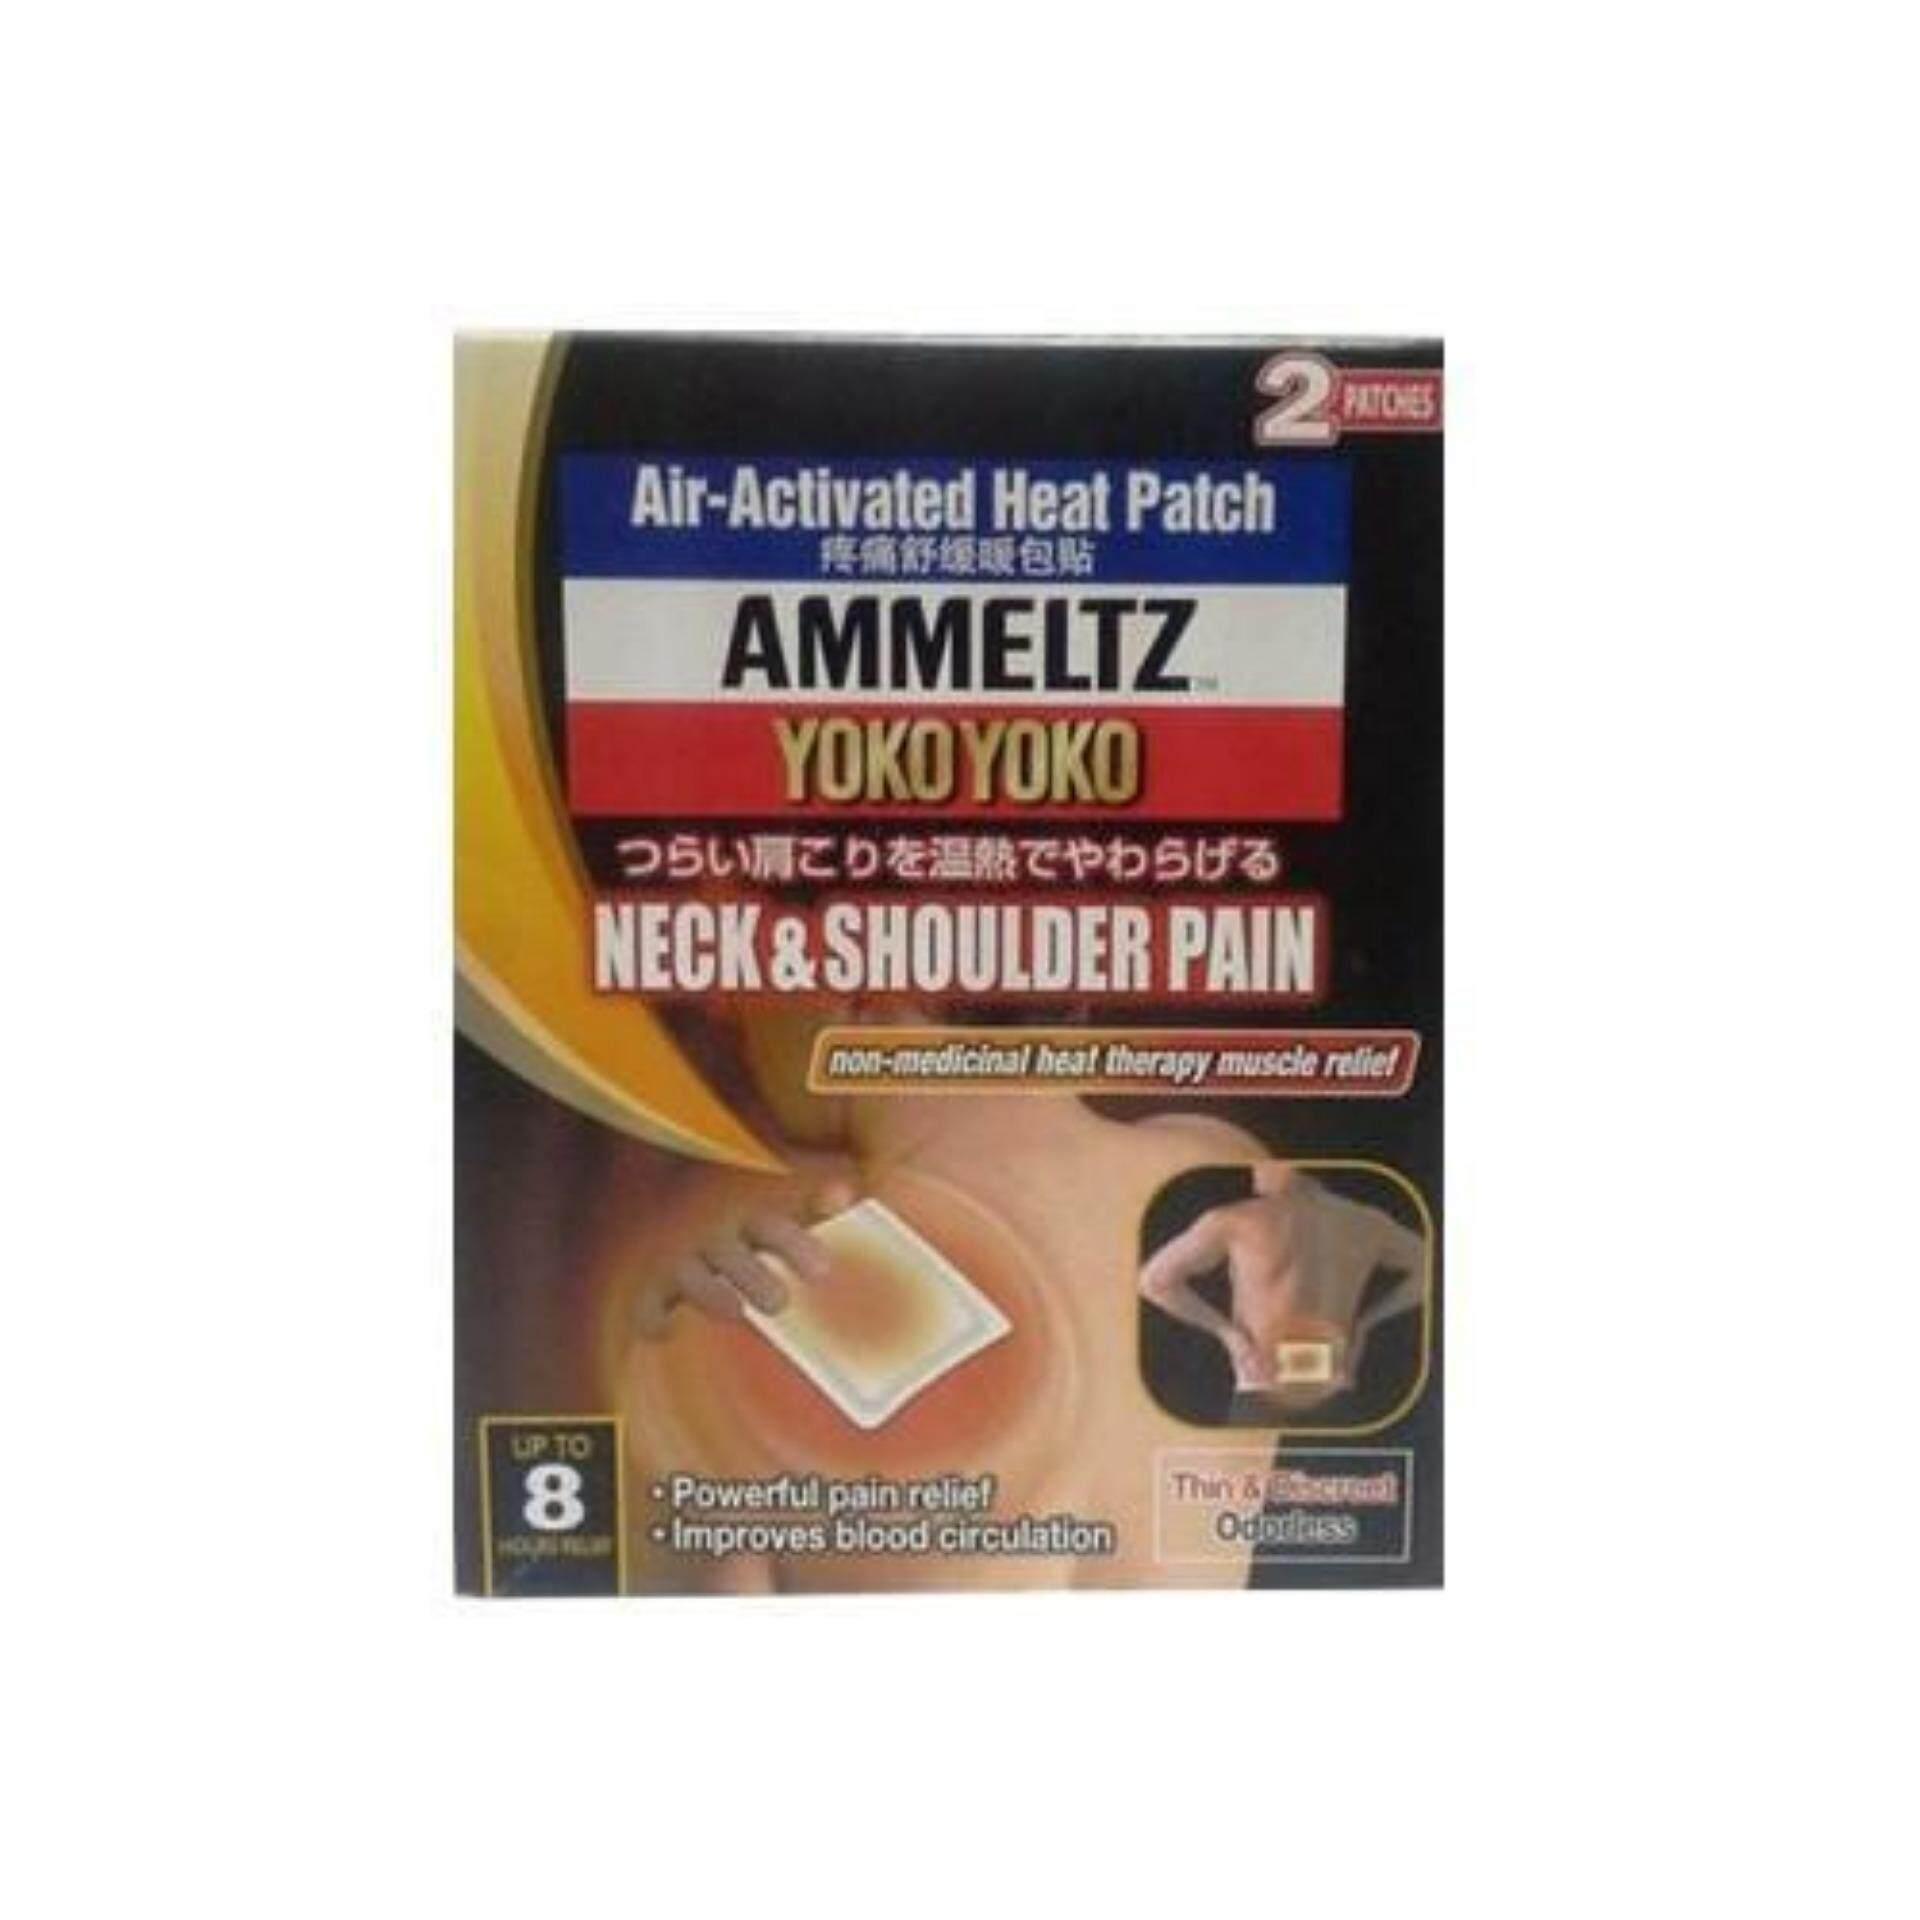 Ammeltz Yoko Yoko Neck & Shoulder Pain Patch (2pcs)